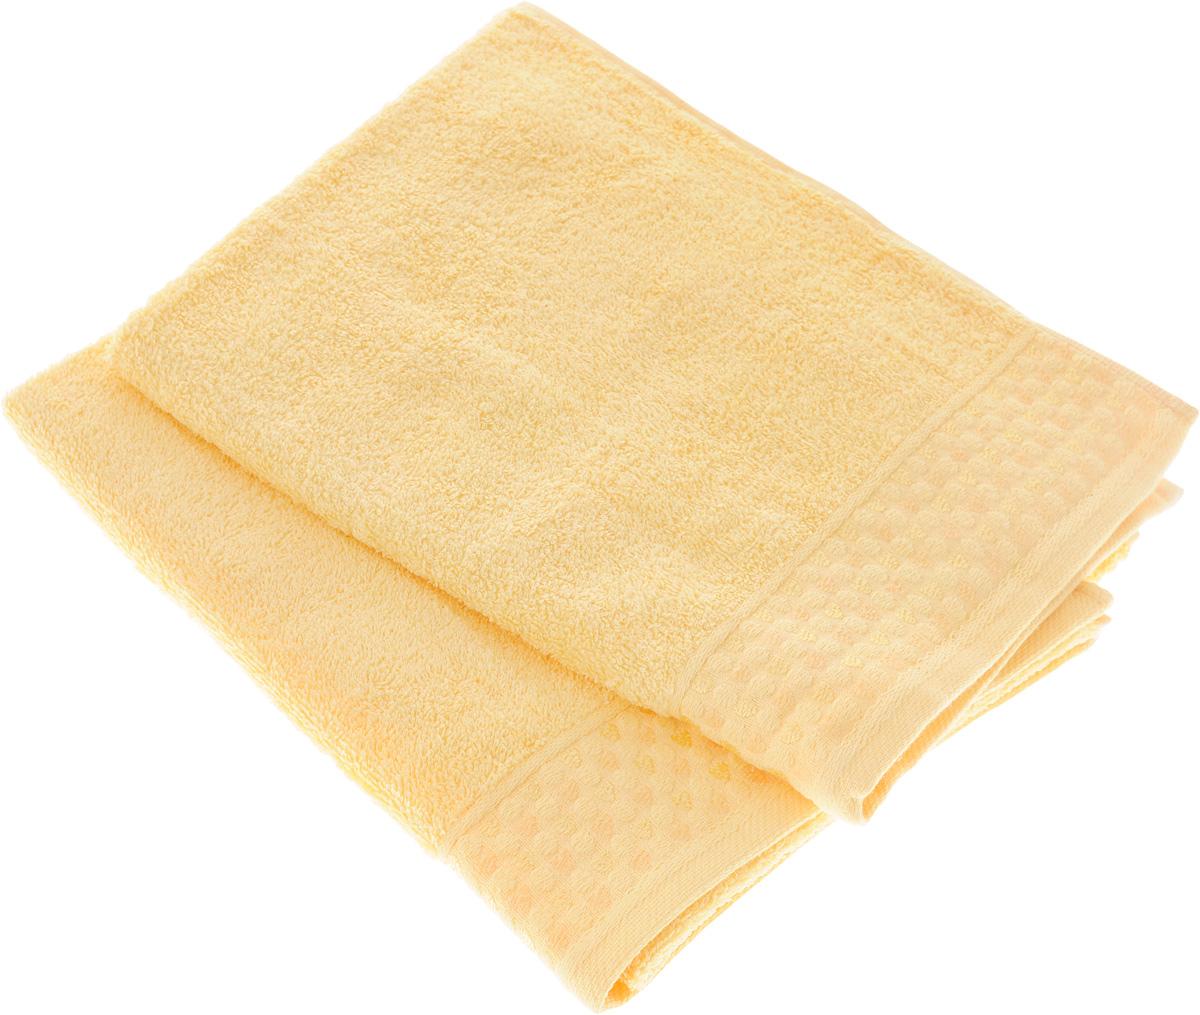 Набор полотенец Tete-a-Tete Сердечки, цвет: желтый, 50 х 90 см, 2 шт531-105Набор Tete-a-Tete Сердечки состоит из двух махровых полотенец, выполненных из натурального 100% хлопка. Бордюр полотенец декорирован сердечками и горошком. Изделия мягкие, отлично впитывают влагу, быстро сохнут, сохраняют яркость цвета и не теряют форму даже после многократных стирок. Полотенца Tete-a-Tete Сердечки очень практичны и неприхотливы в уходе. Они легко впишутся в любой интерьер благодаря своей нежной цветовой гамме.